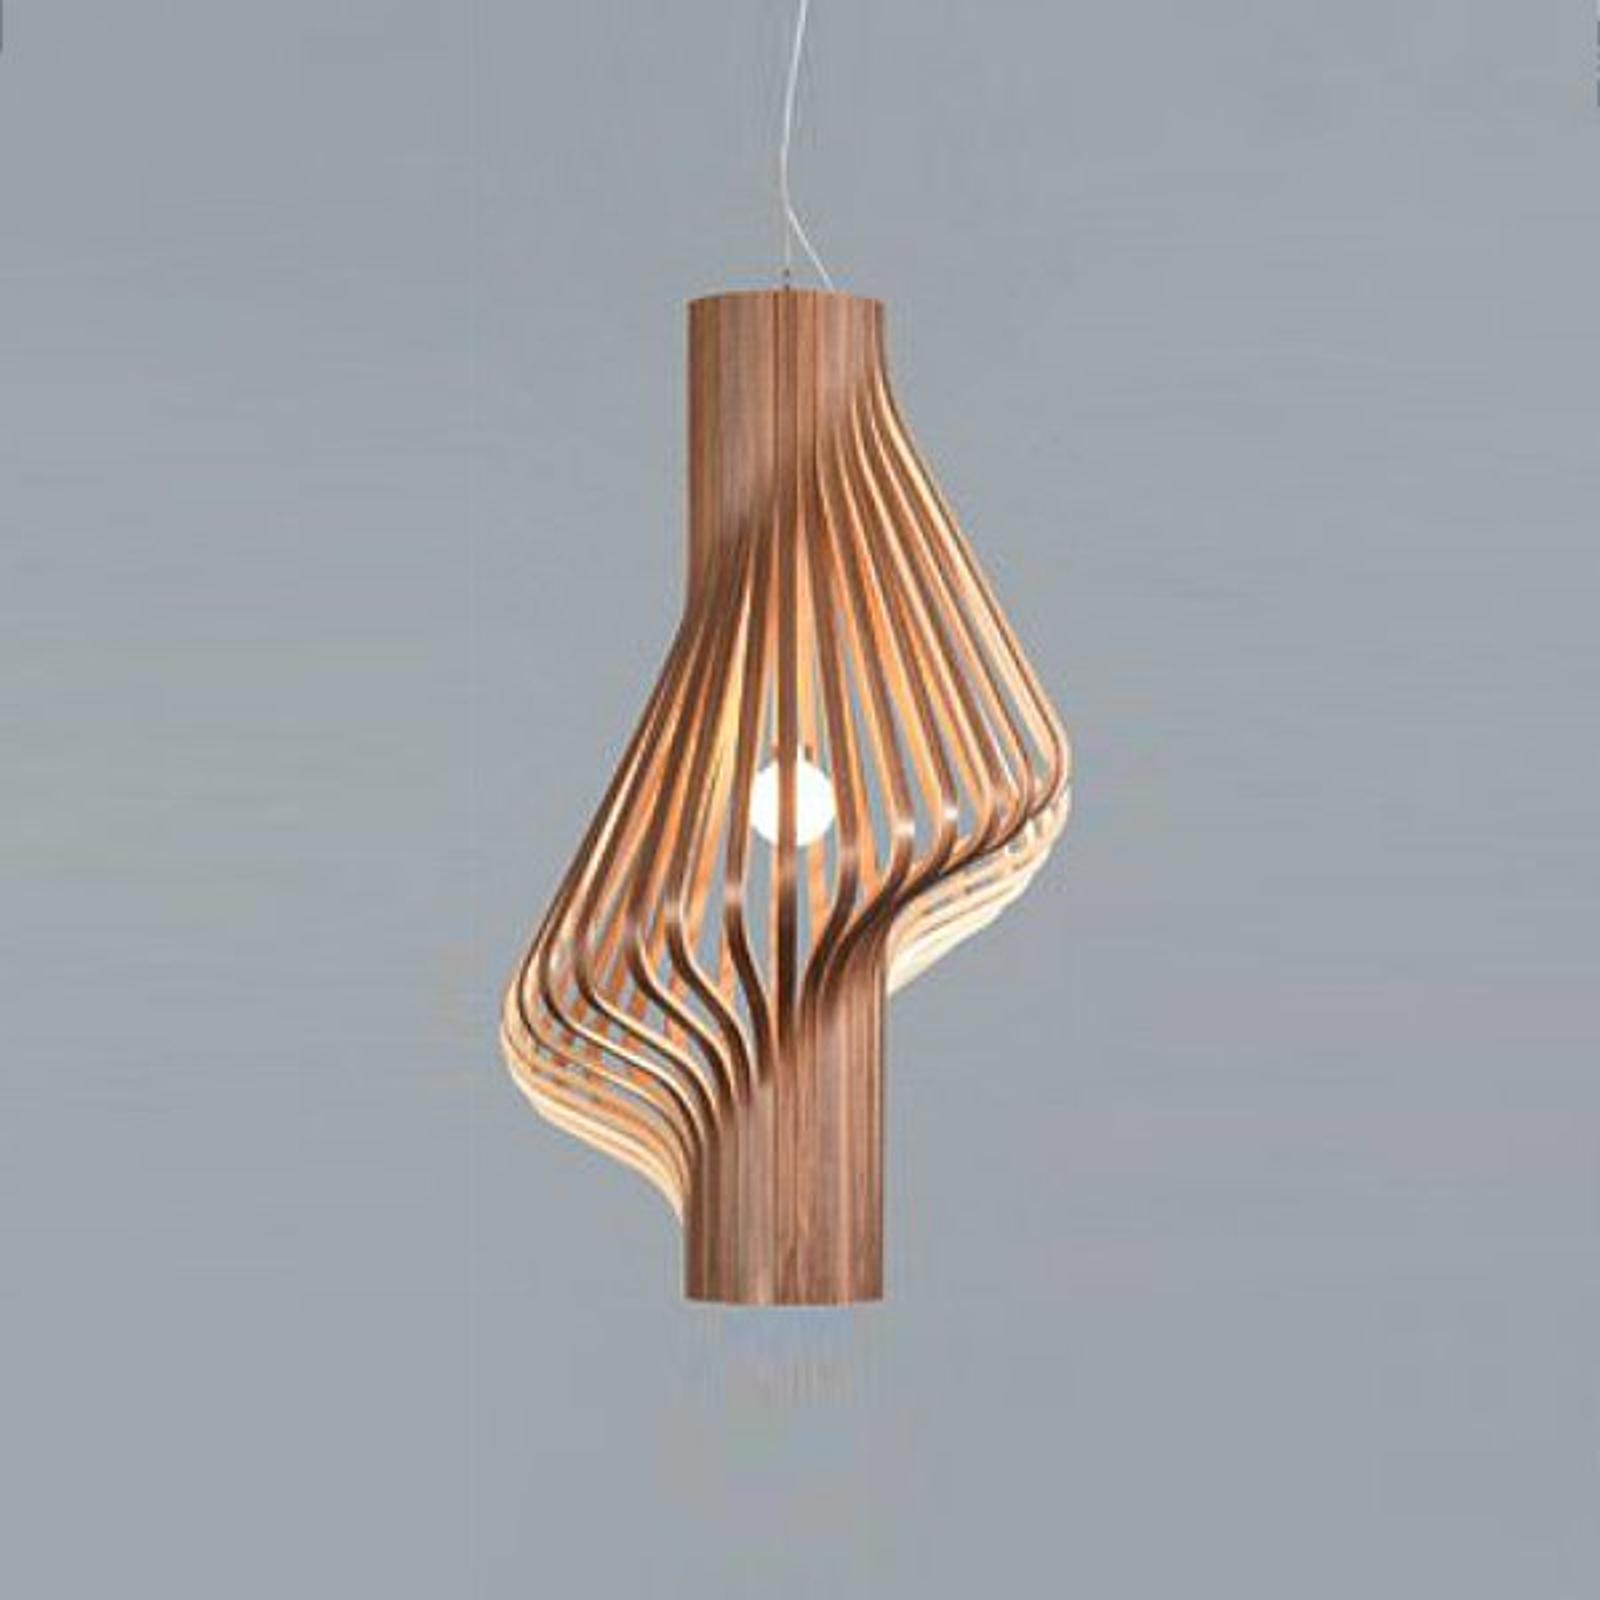 Kaunis design-riippuvalaisin Diva pähkinäpuu